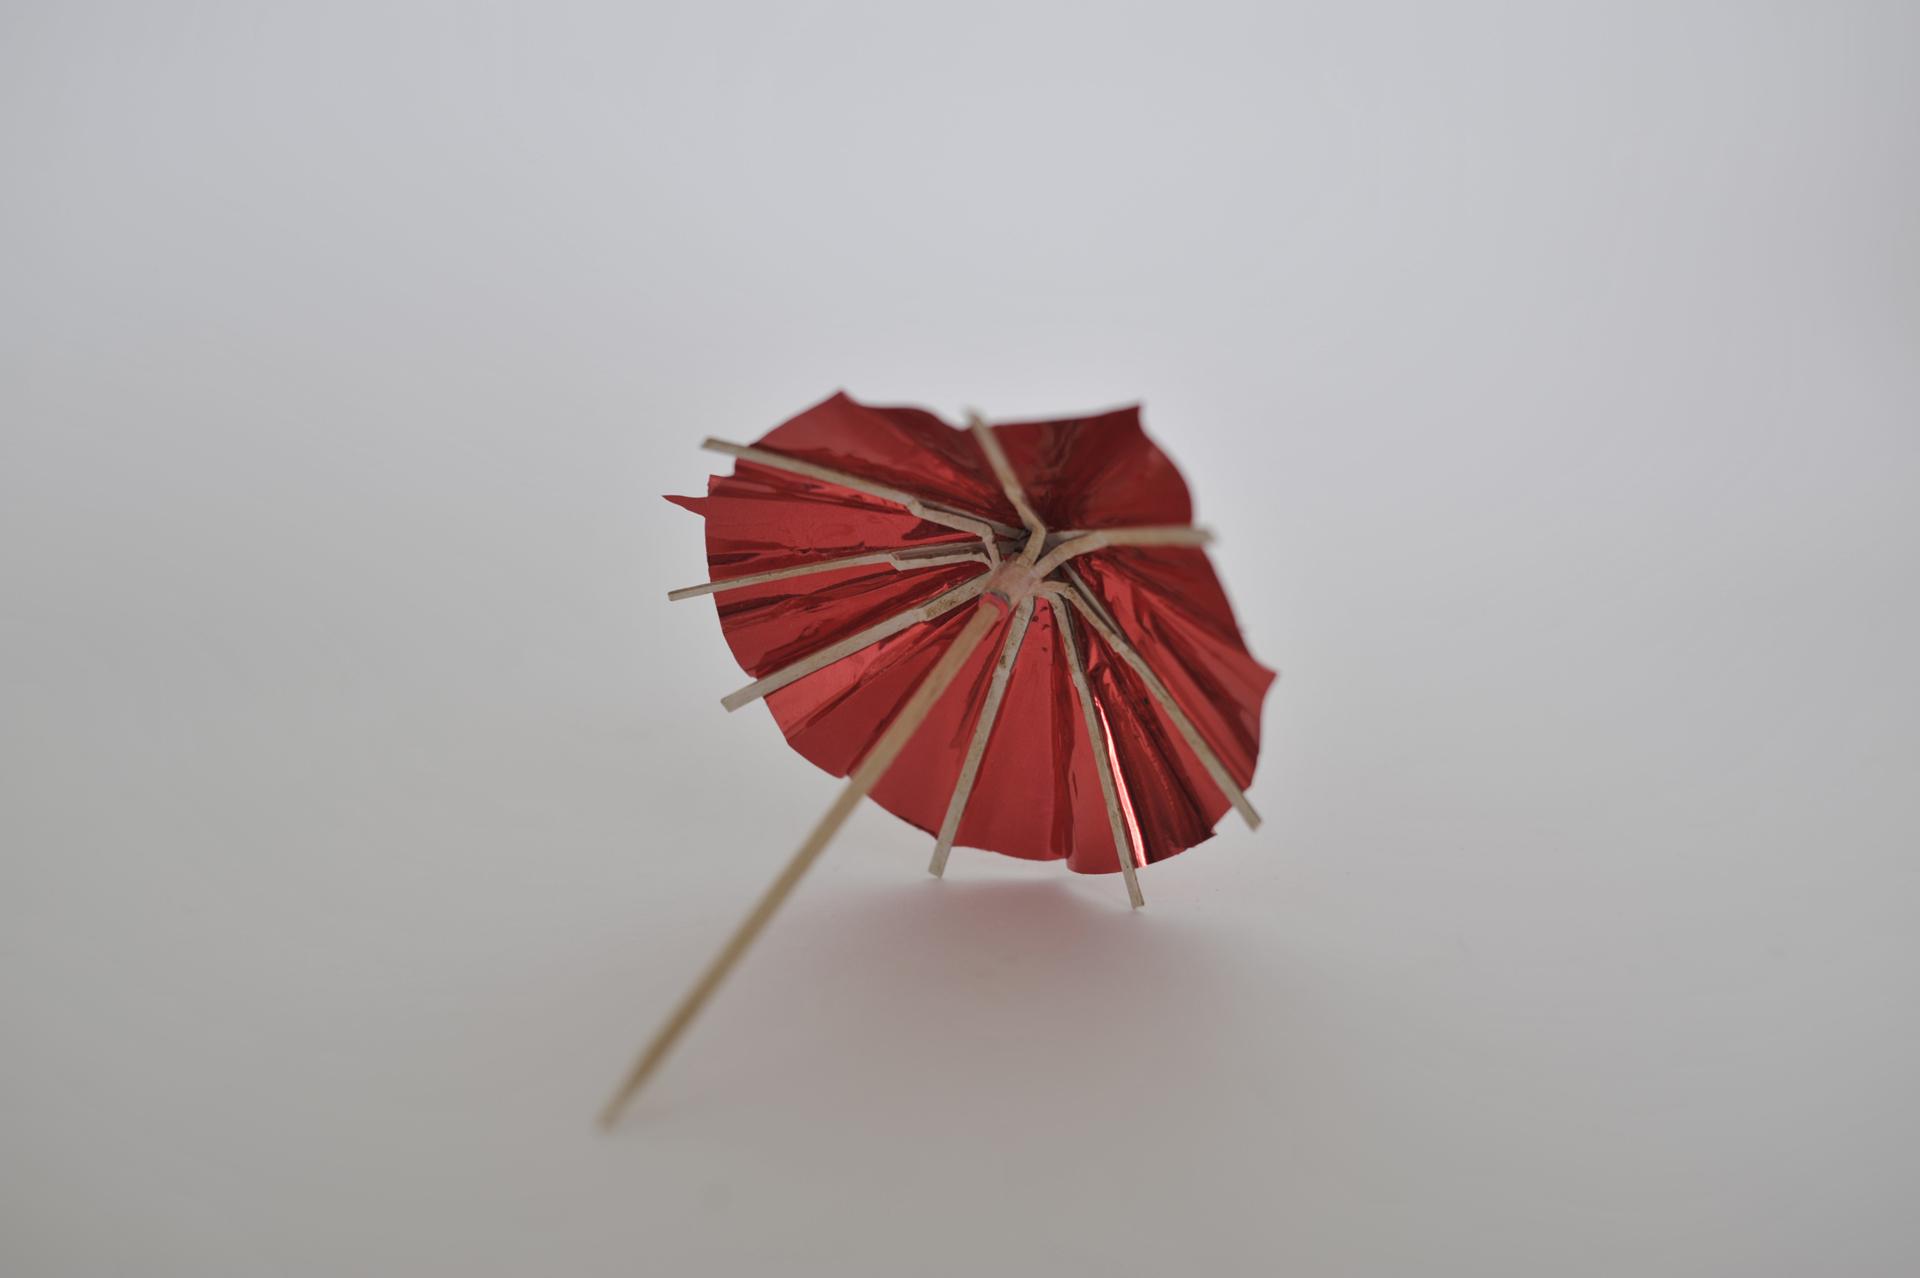 52. ombrellino decorativo